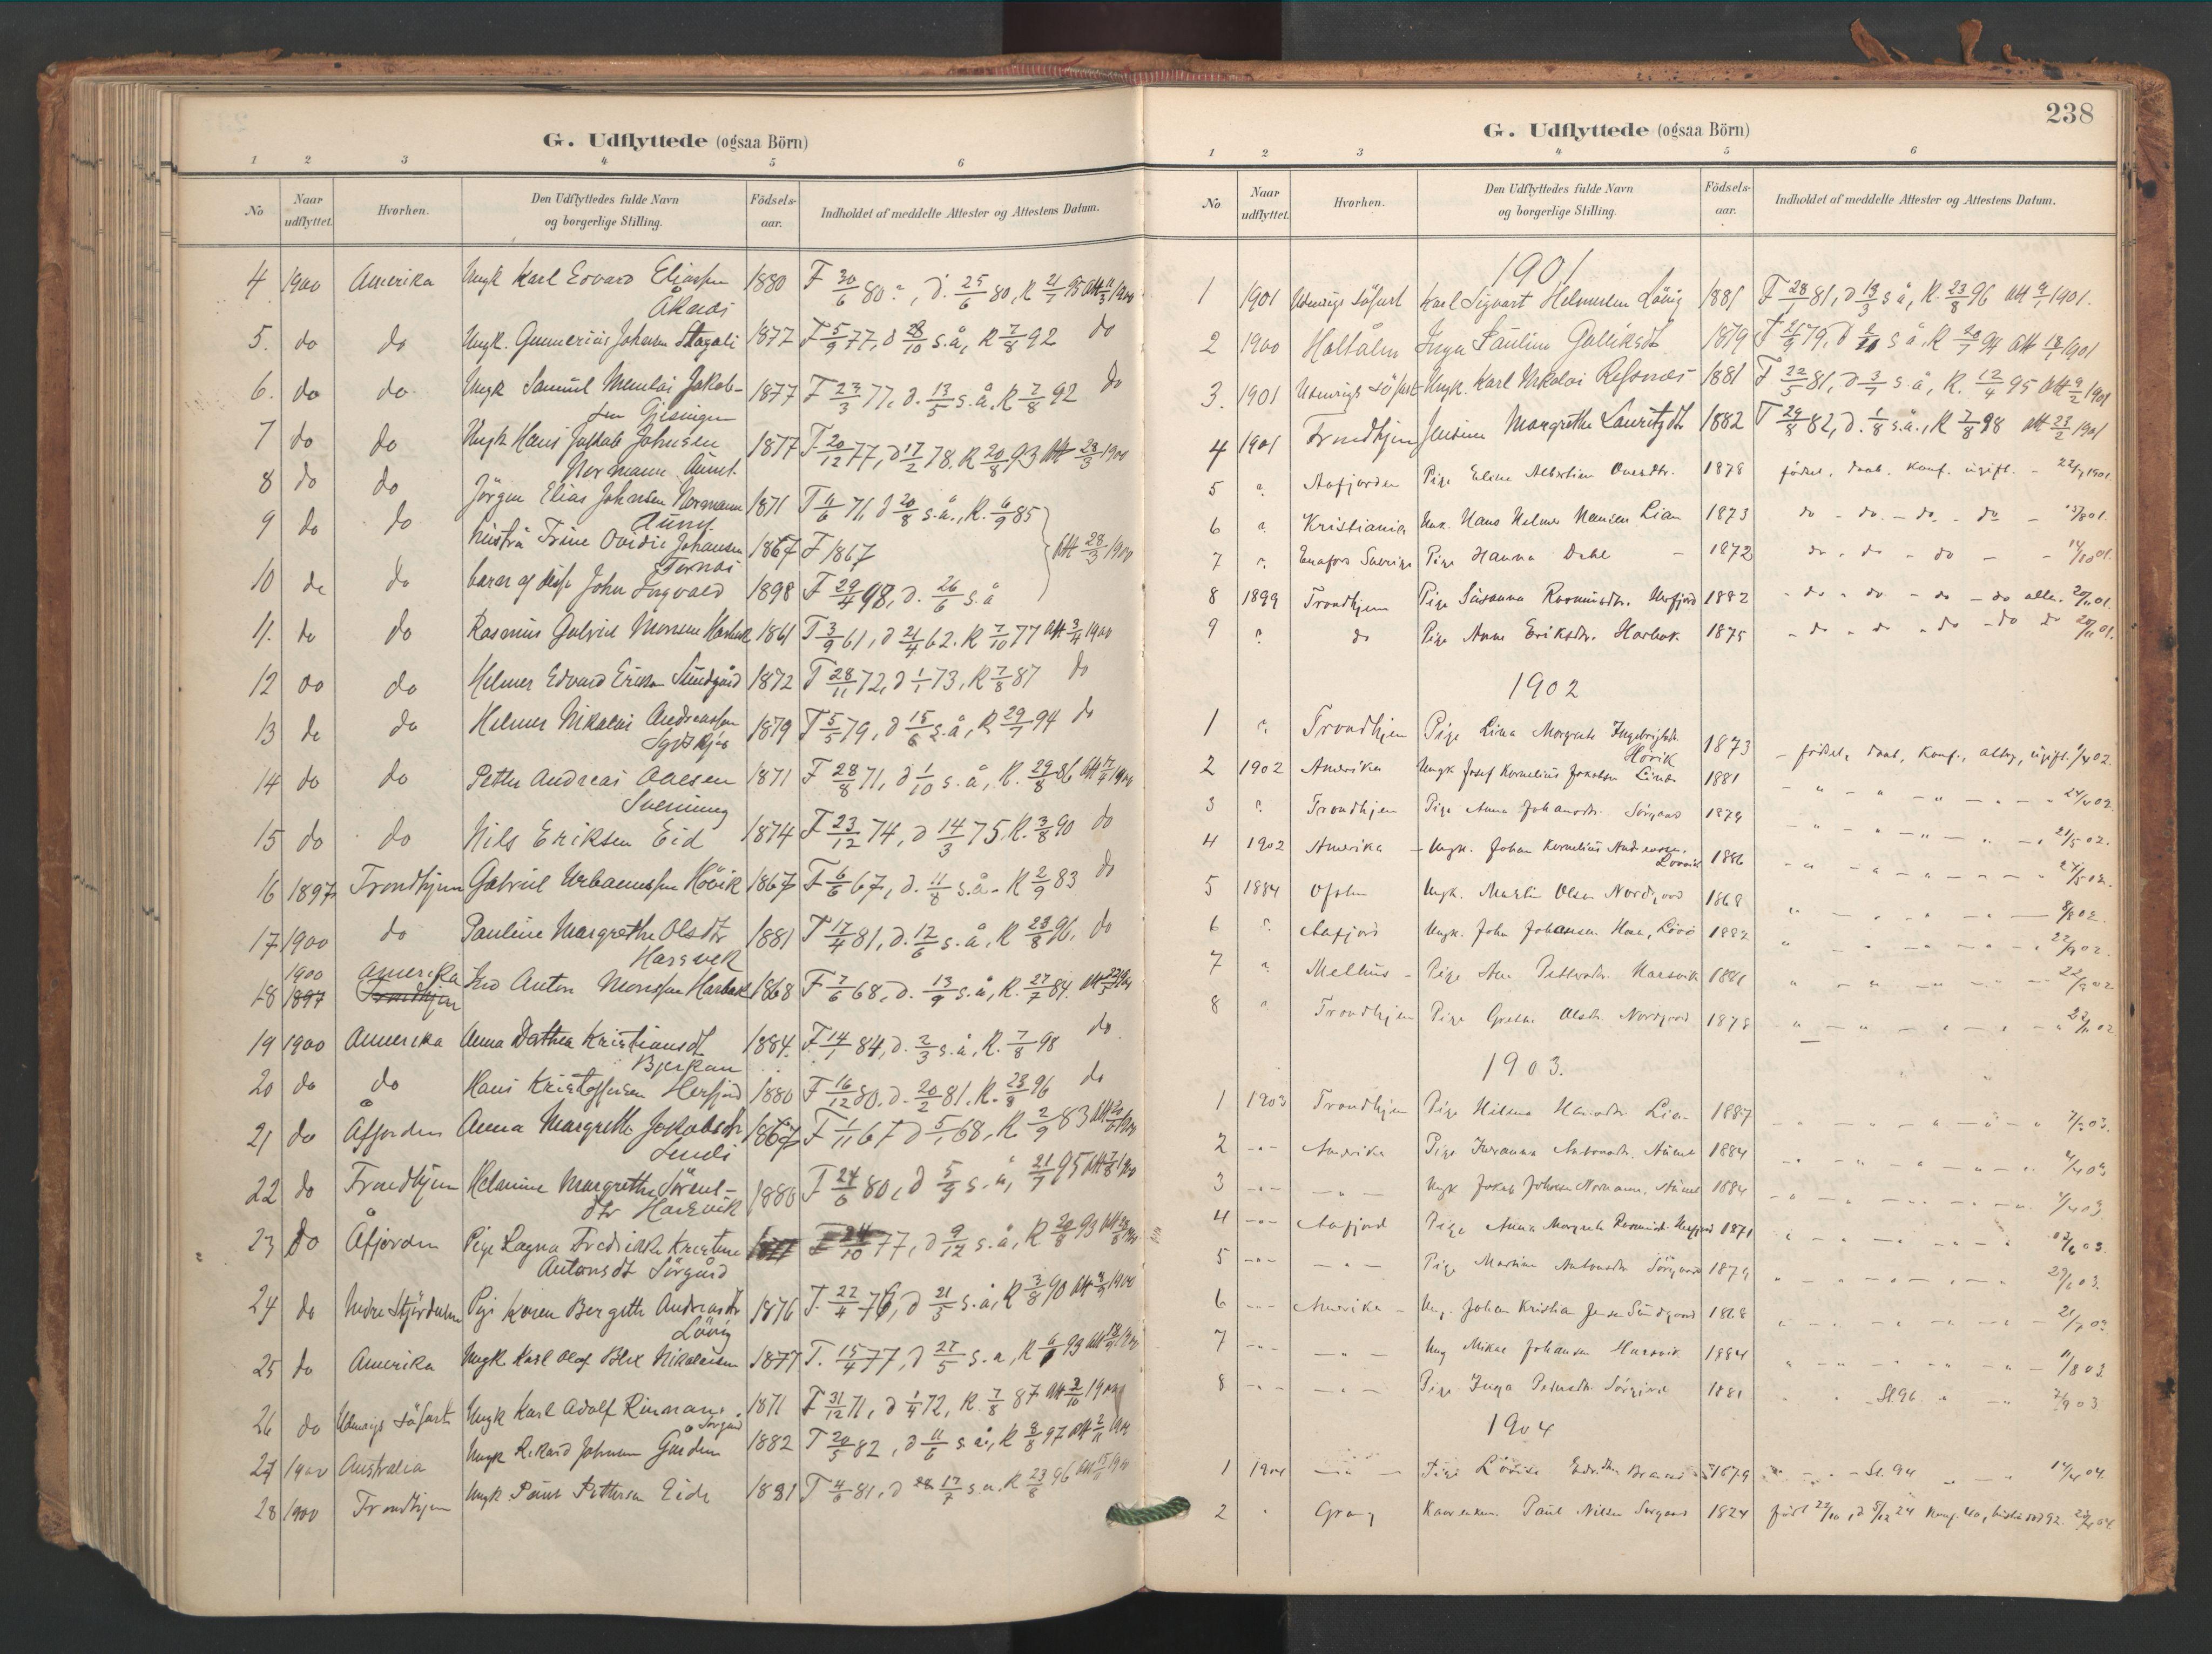 SAT, Ministerialprotokoller, klokkerbøker og fødselsregistre - Sør-Trøndelag, 656/L0693: Ministerialbok nr. 656A02, 1894-1913, s. 238